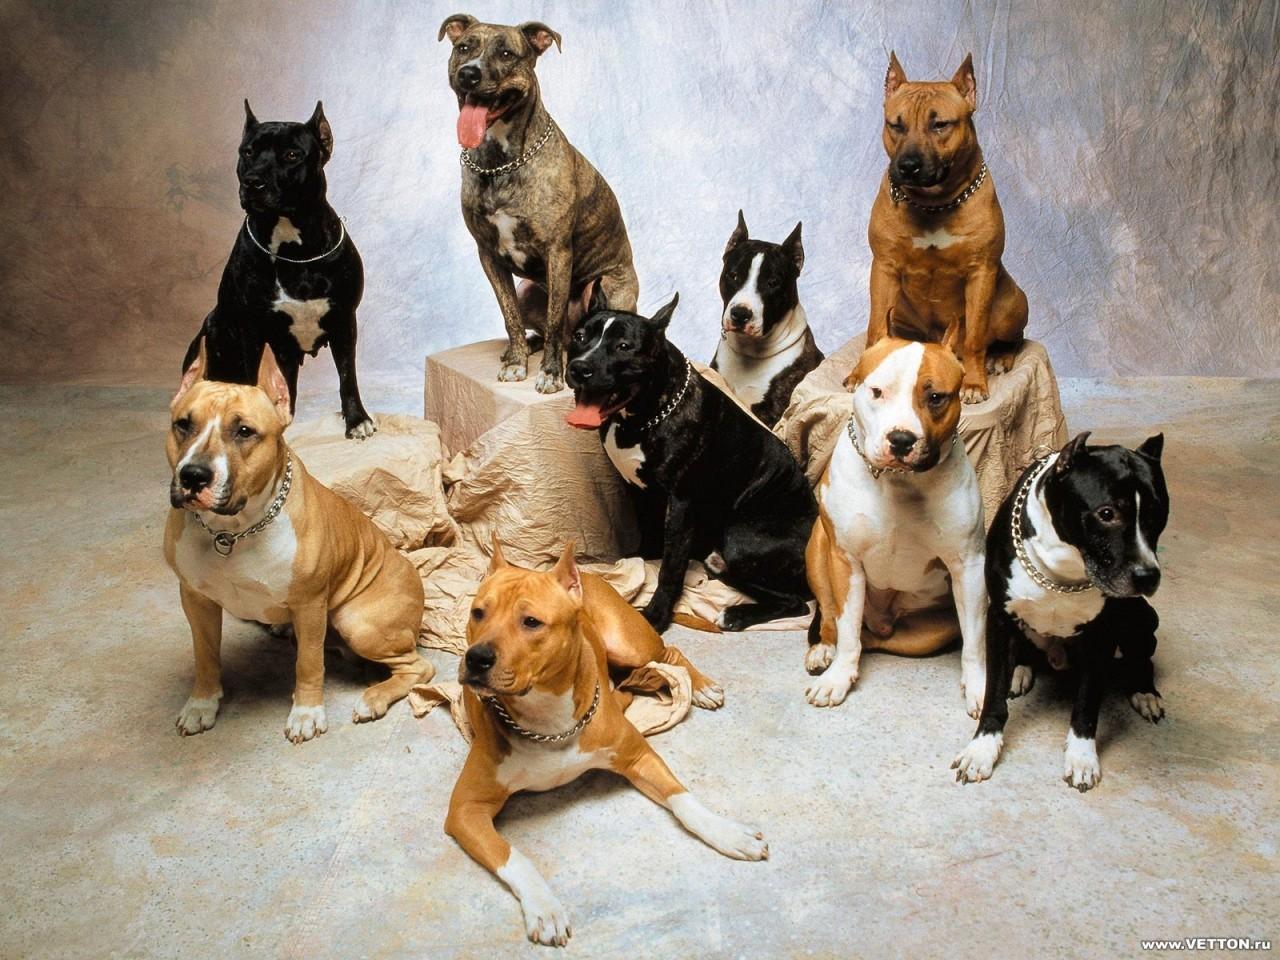 бойцовые собаки обои на рабочий стол № 538616 бесплатно